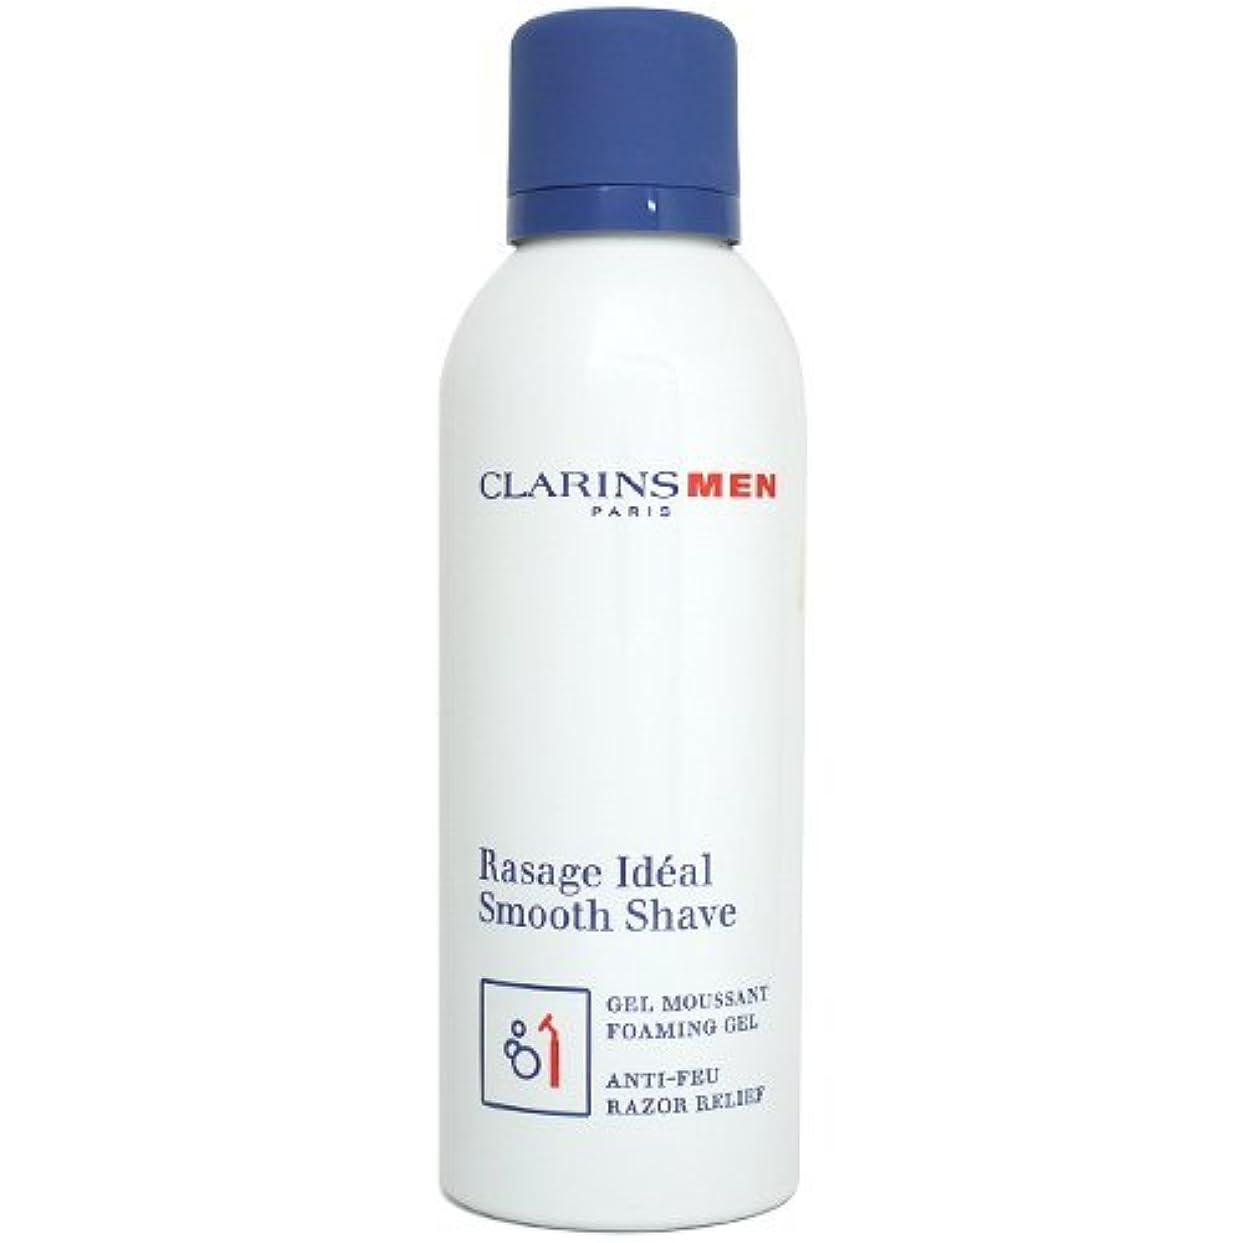 降伏ファランクス生産性クラランス CLARINS メン スムース シェイヴ 150mL [並行輸入品]